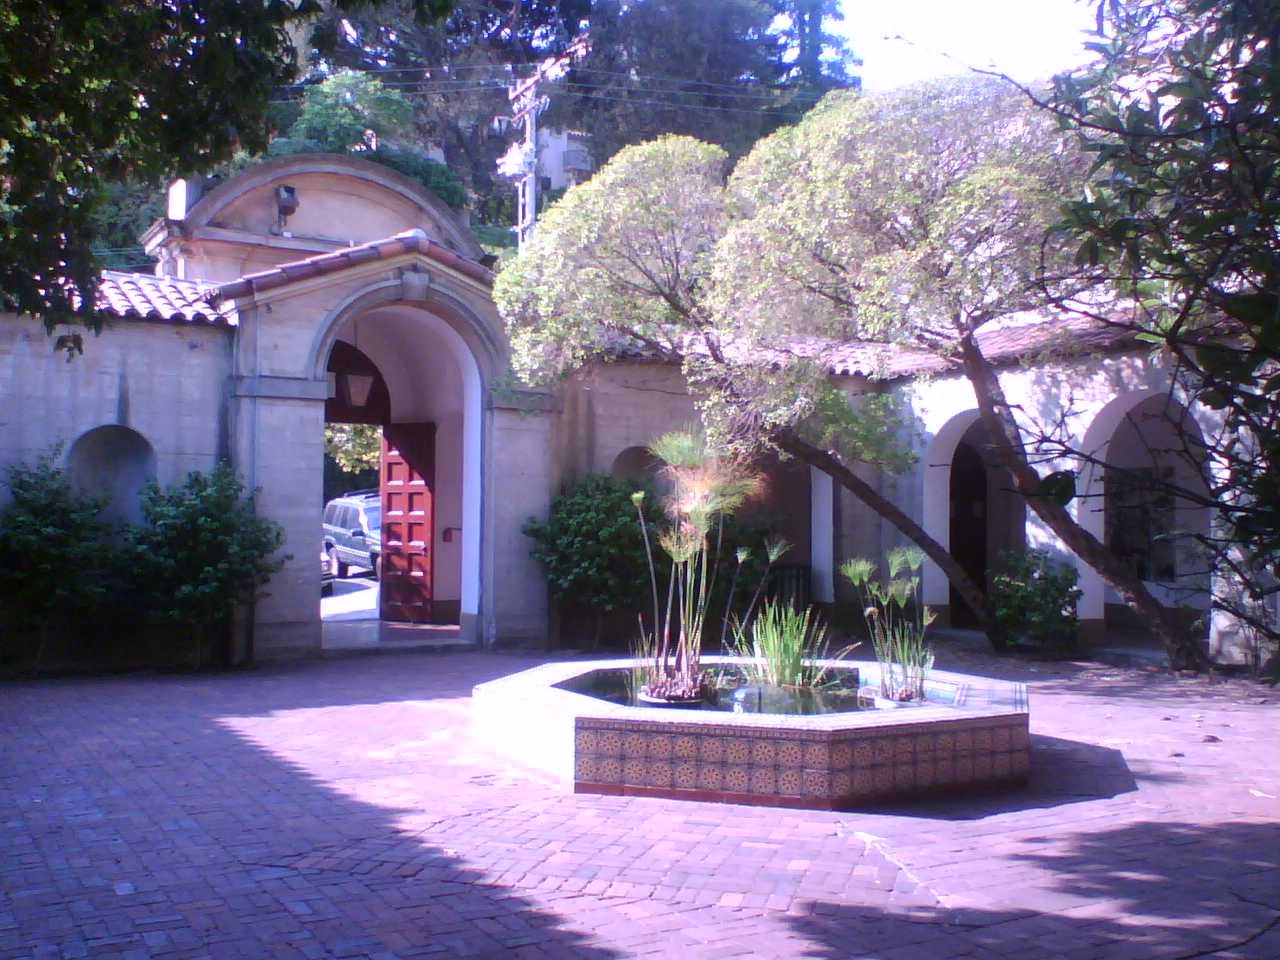 San francisco putain institut